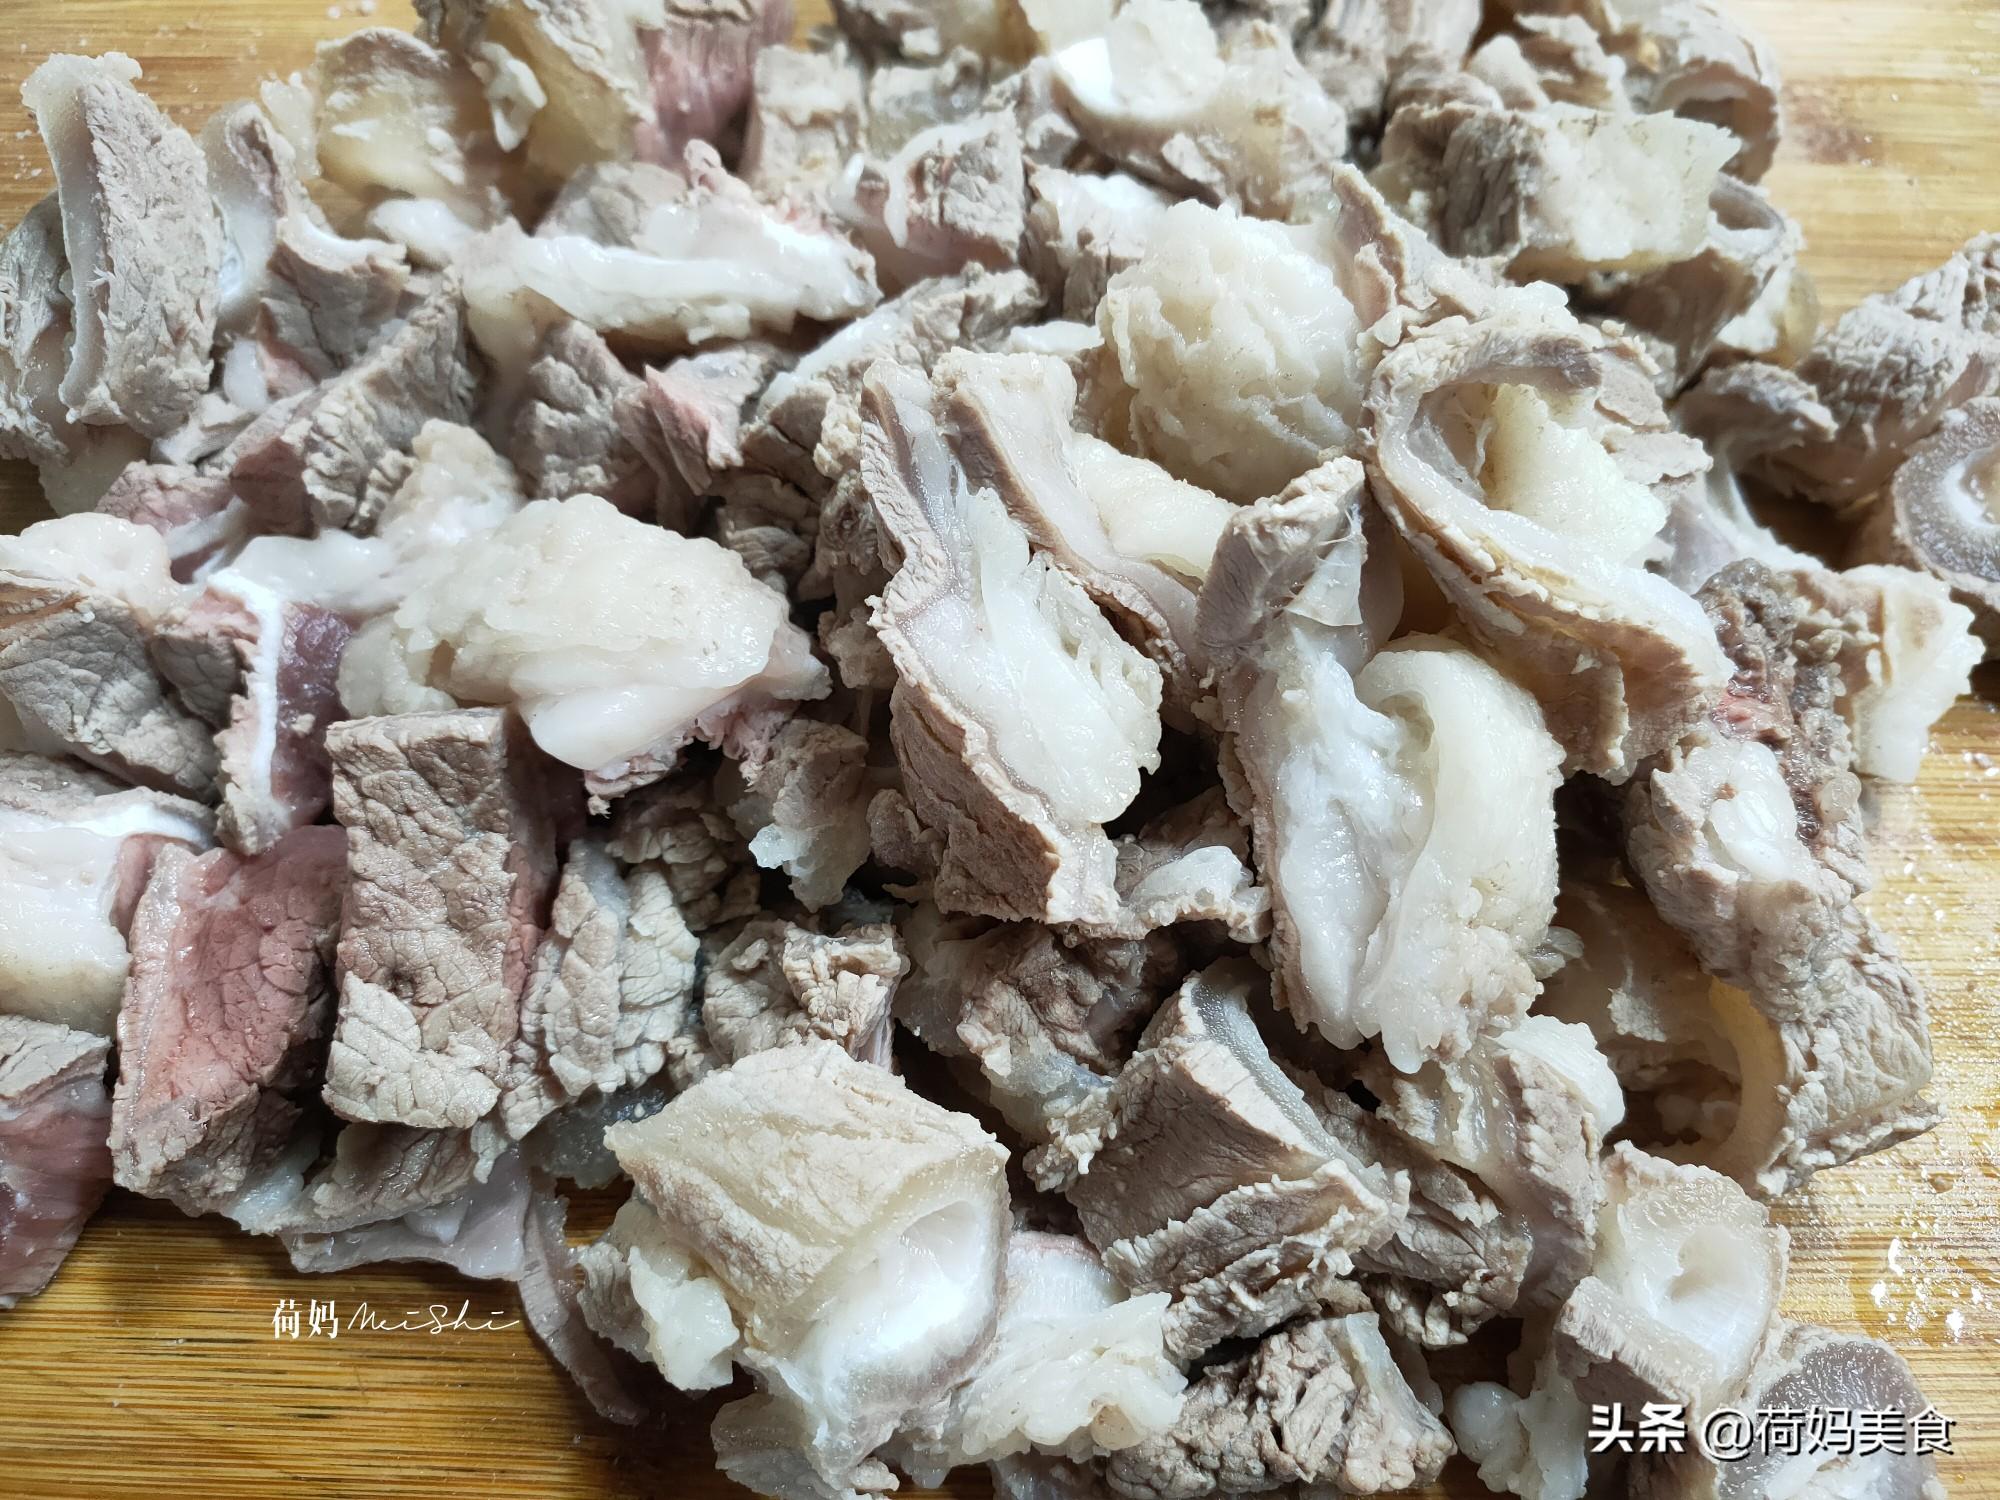 炖牛肉时加入一样食材,牛肉软烂不塞牙,味道鲜香又好吃,美味